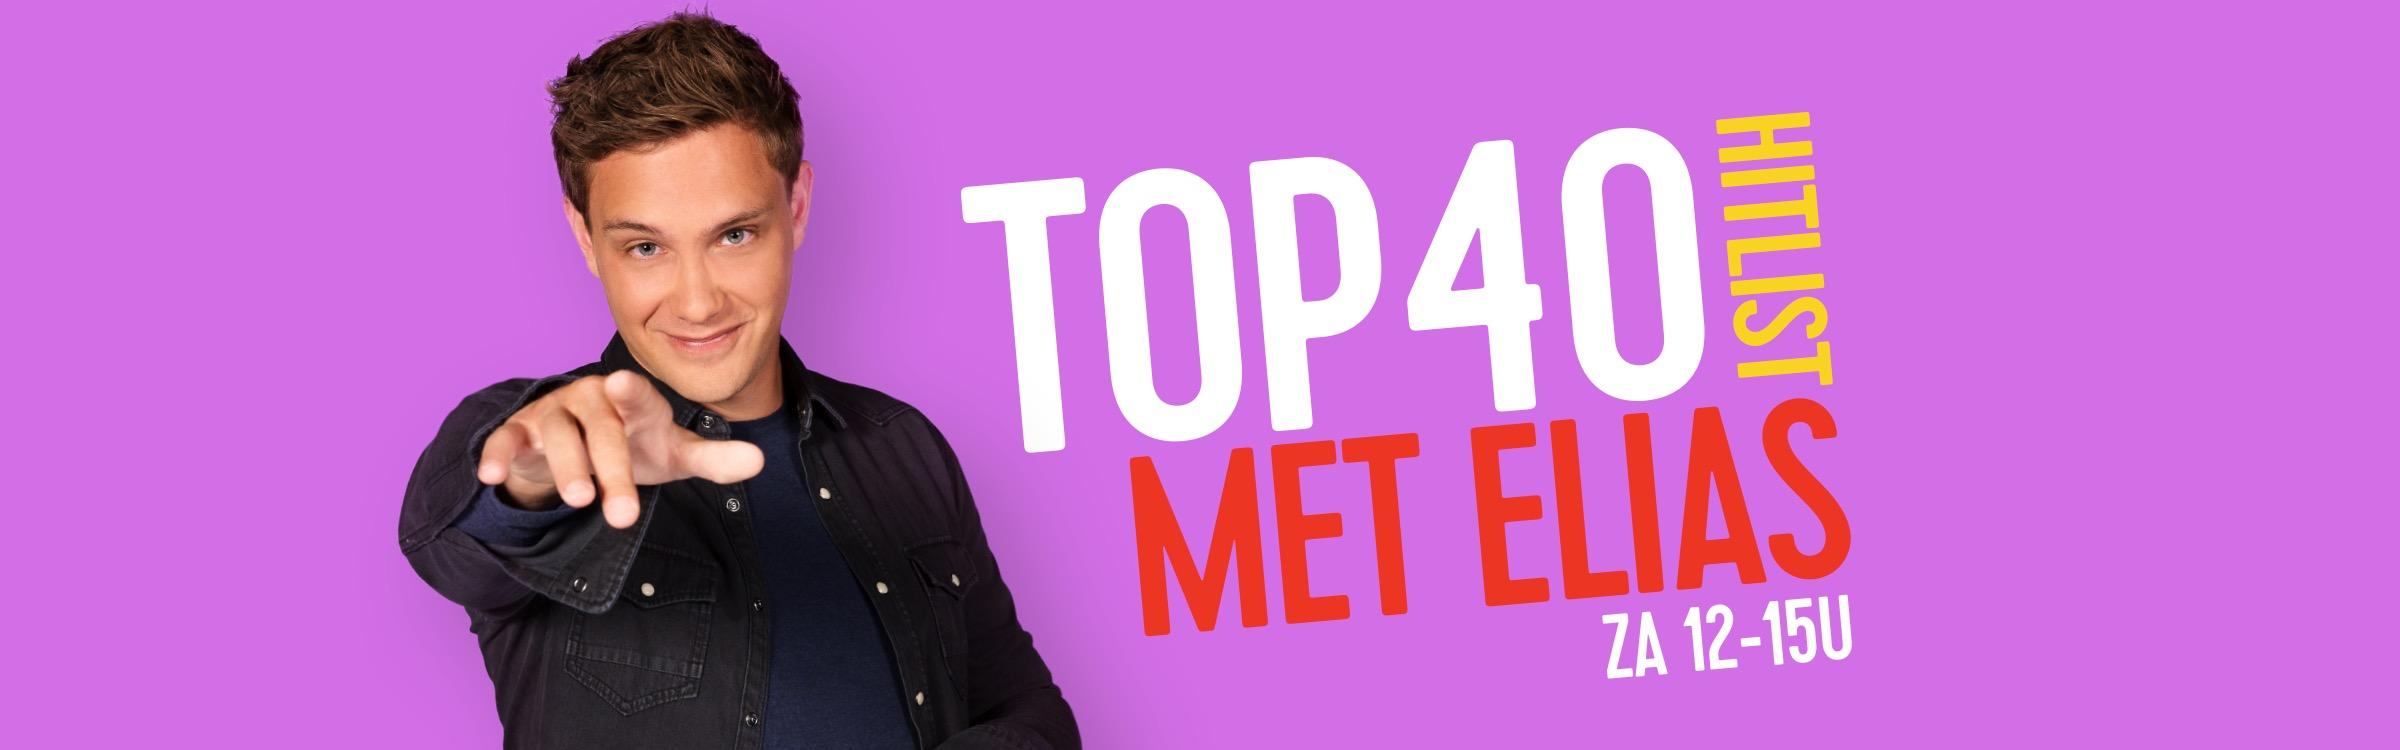 Top 40 Hitlist